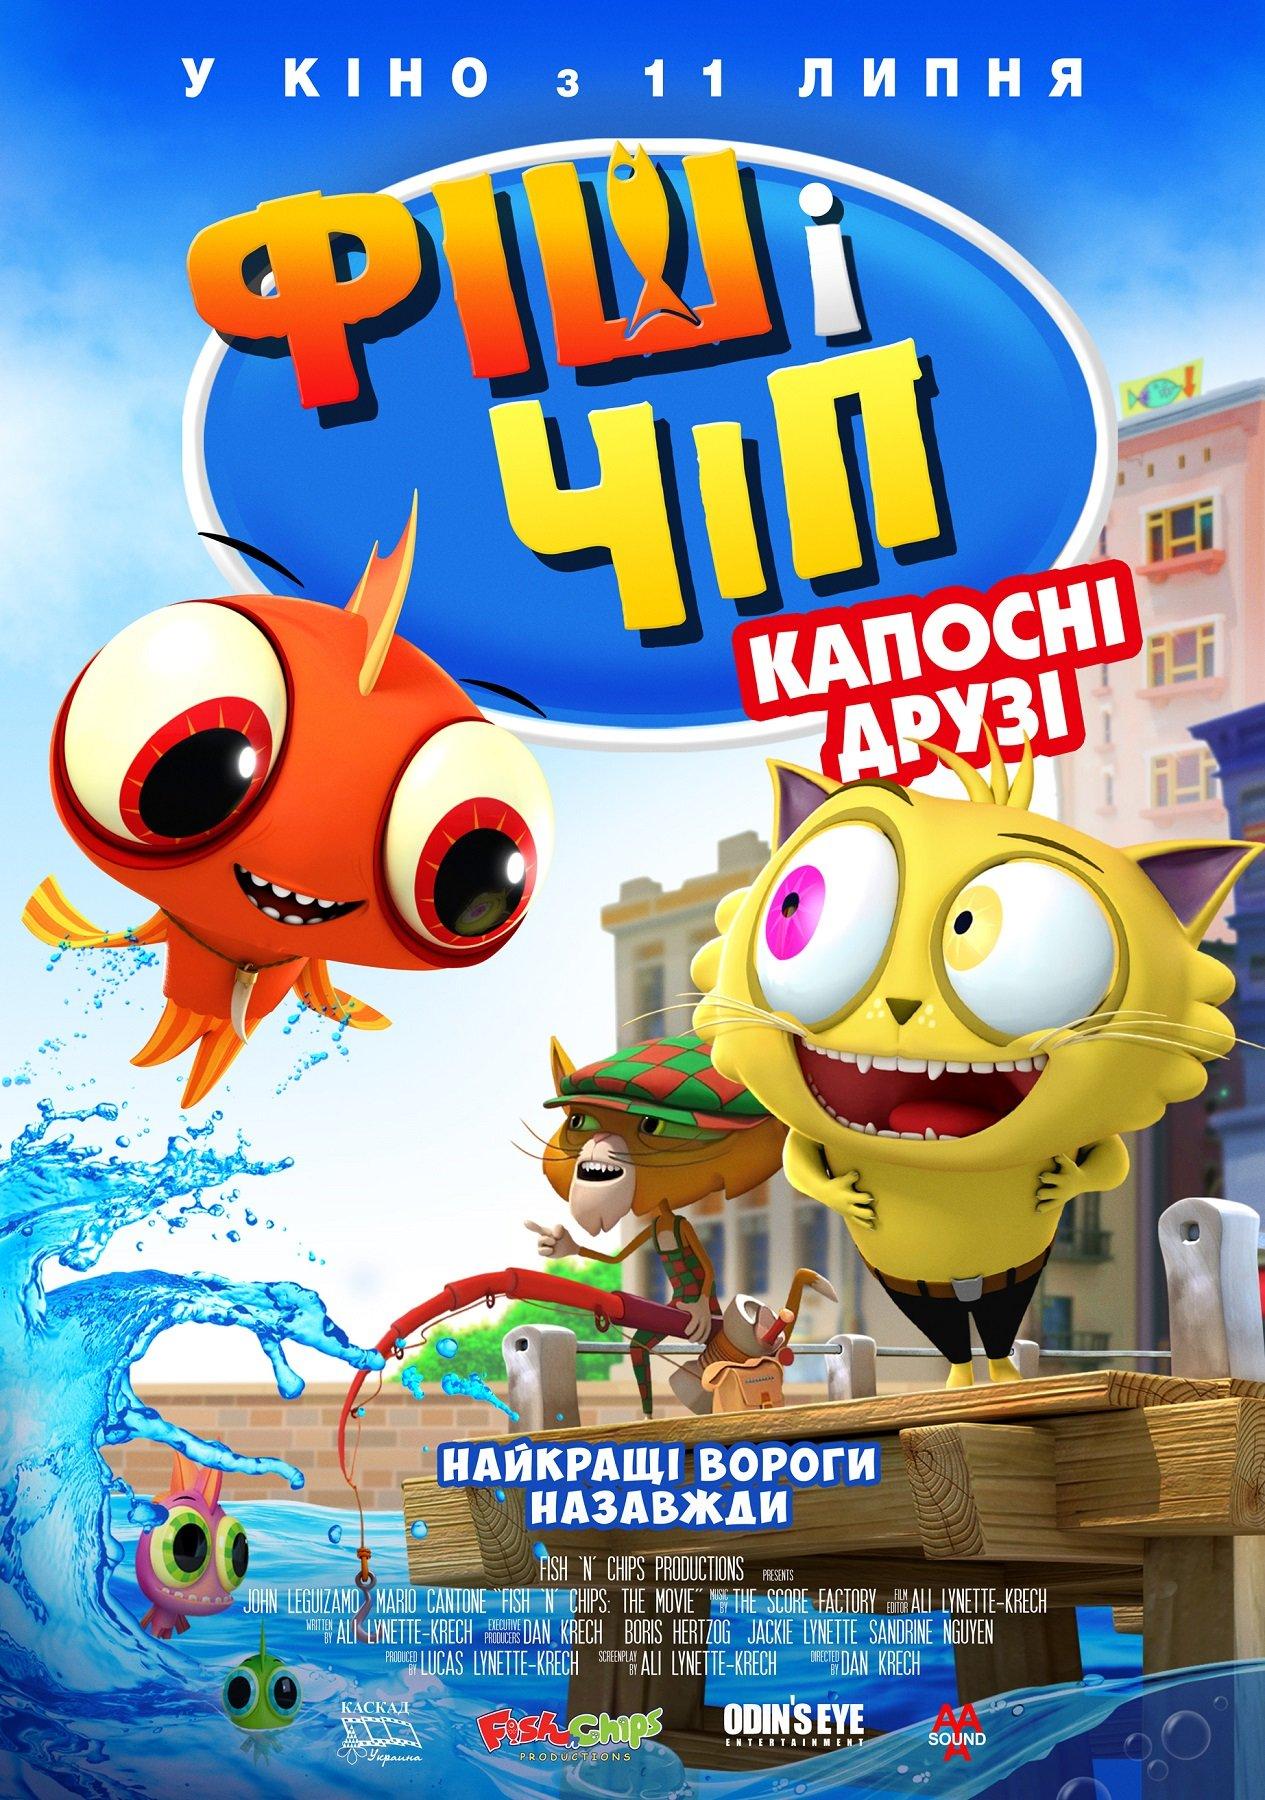 Какие фильмы выйдут в кинотеатрах Днепра, - ТРЕЙЛЕРЫ, фото-7